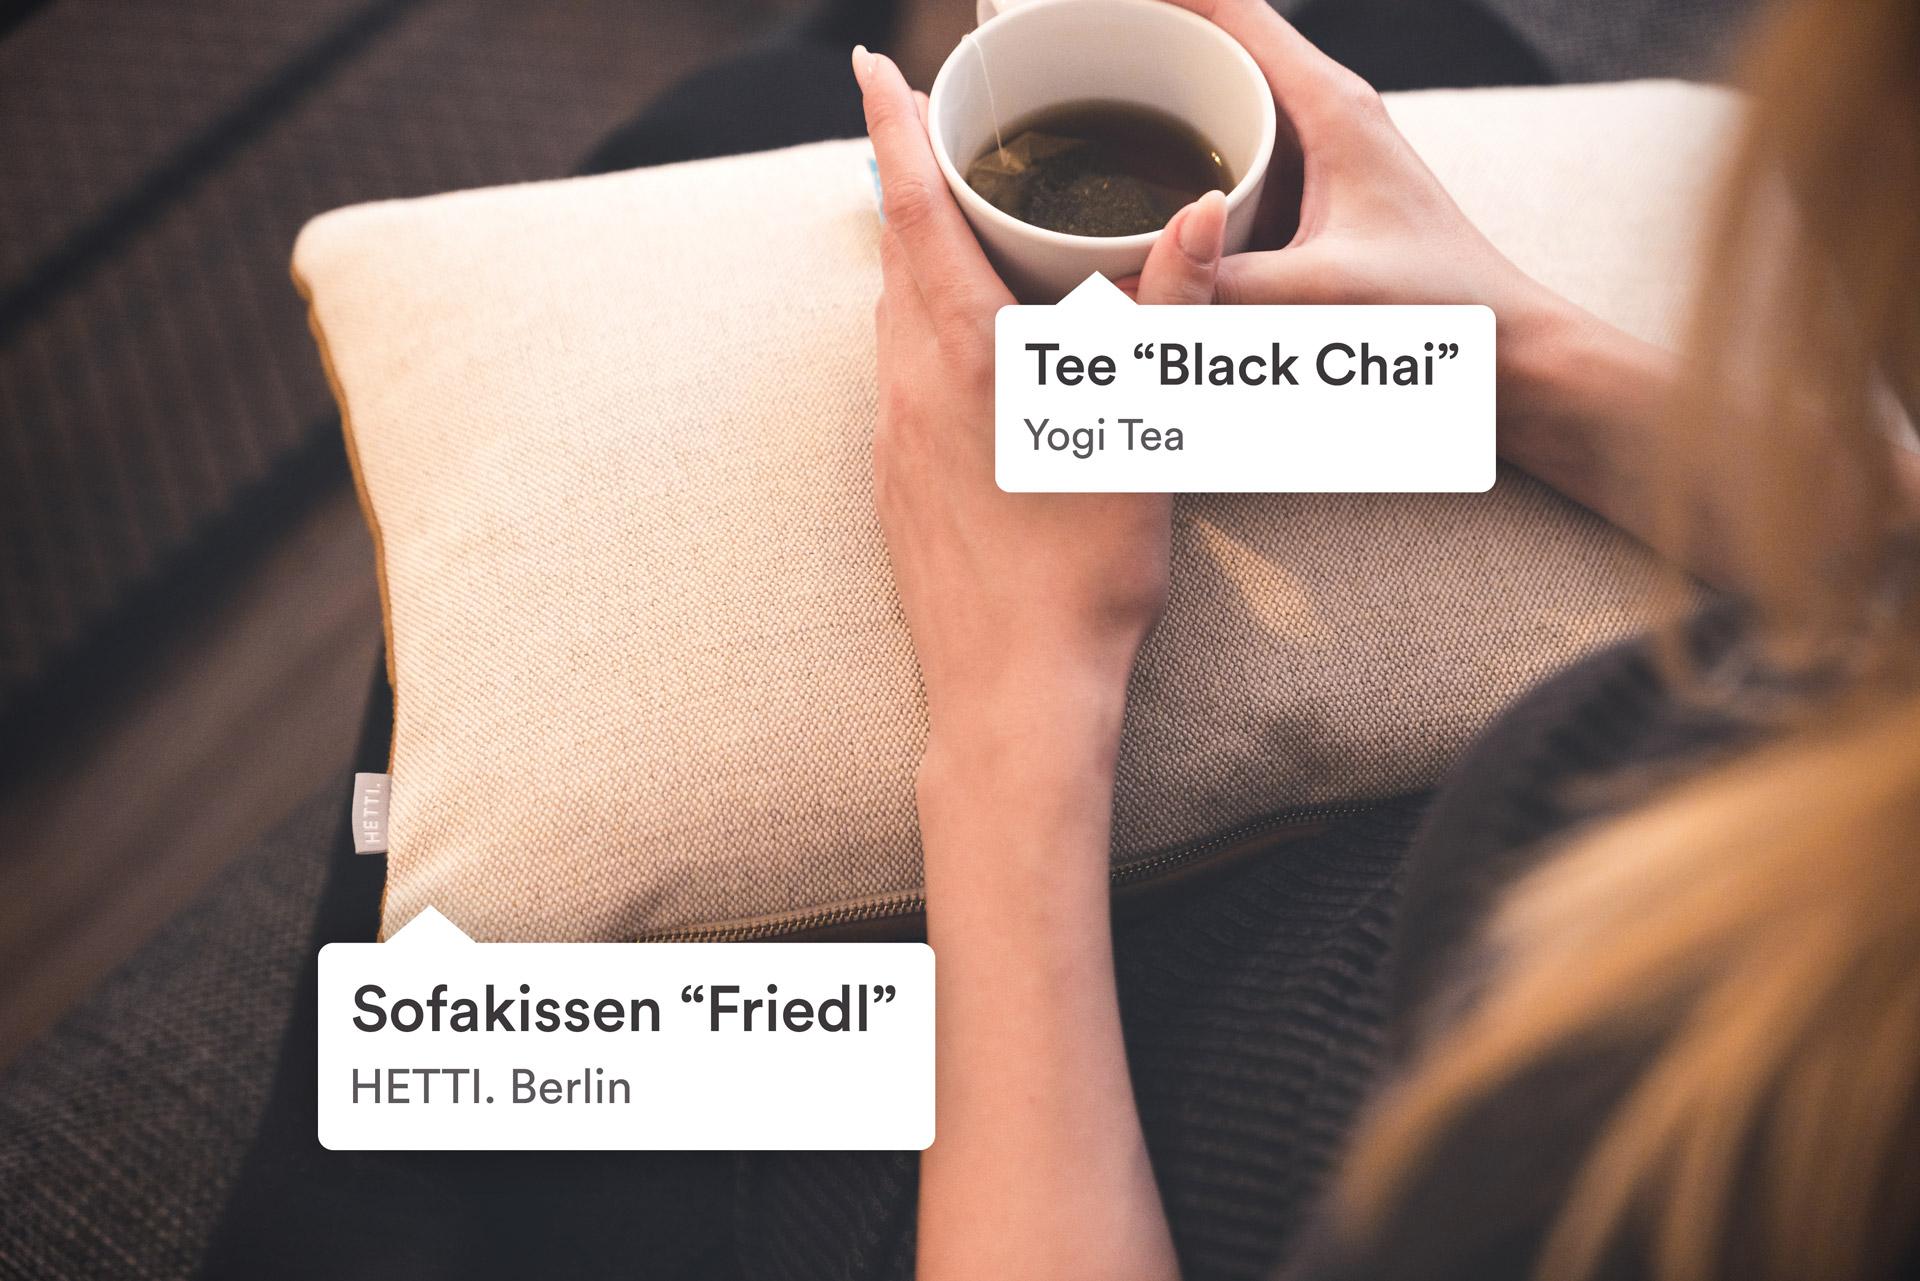 Kissen von Hetti Berlin als Erlebnismarketing in einer Airbnb Wohnung